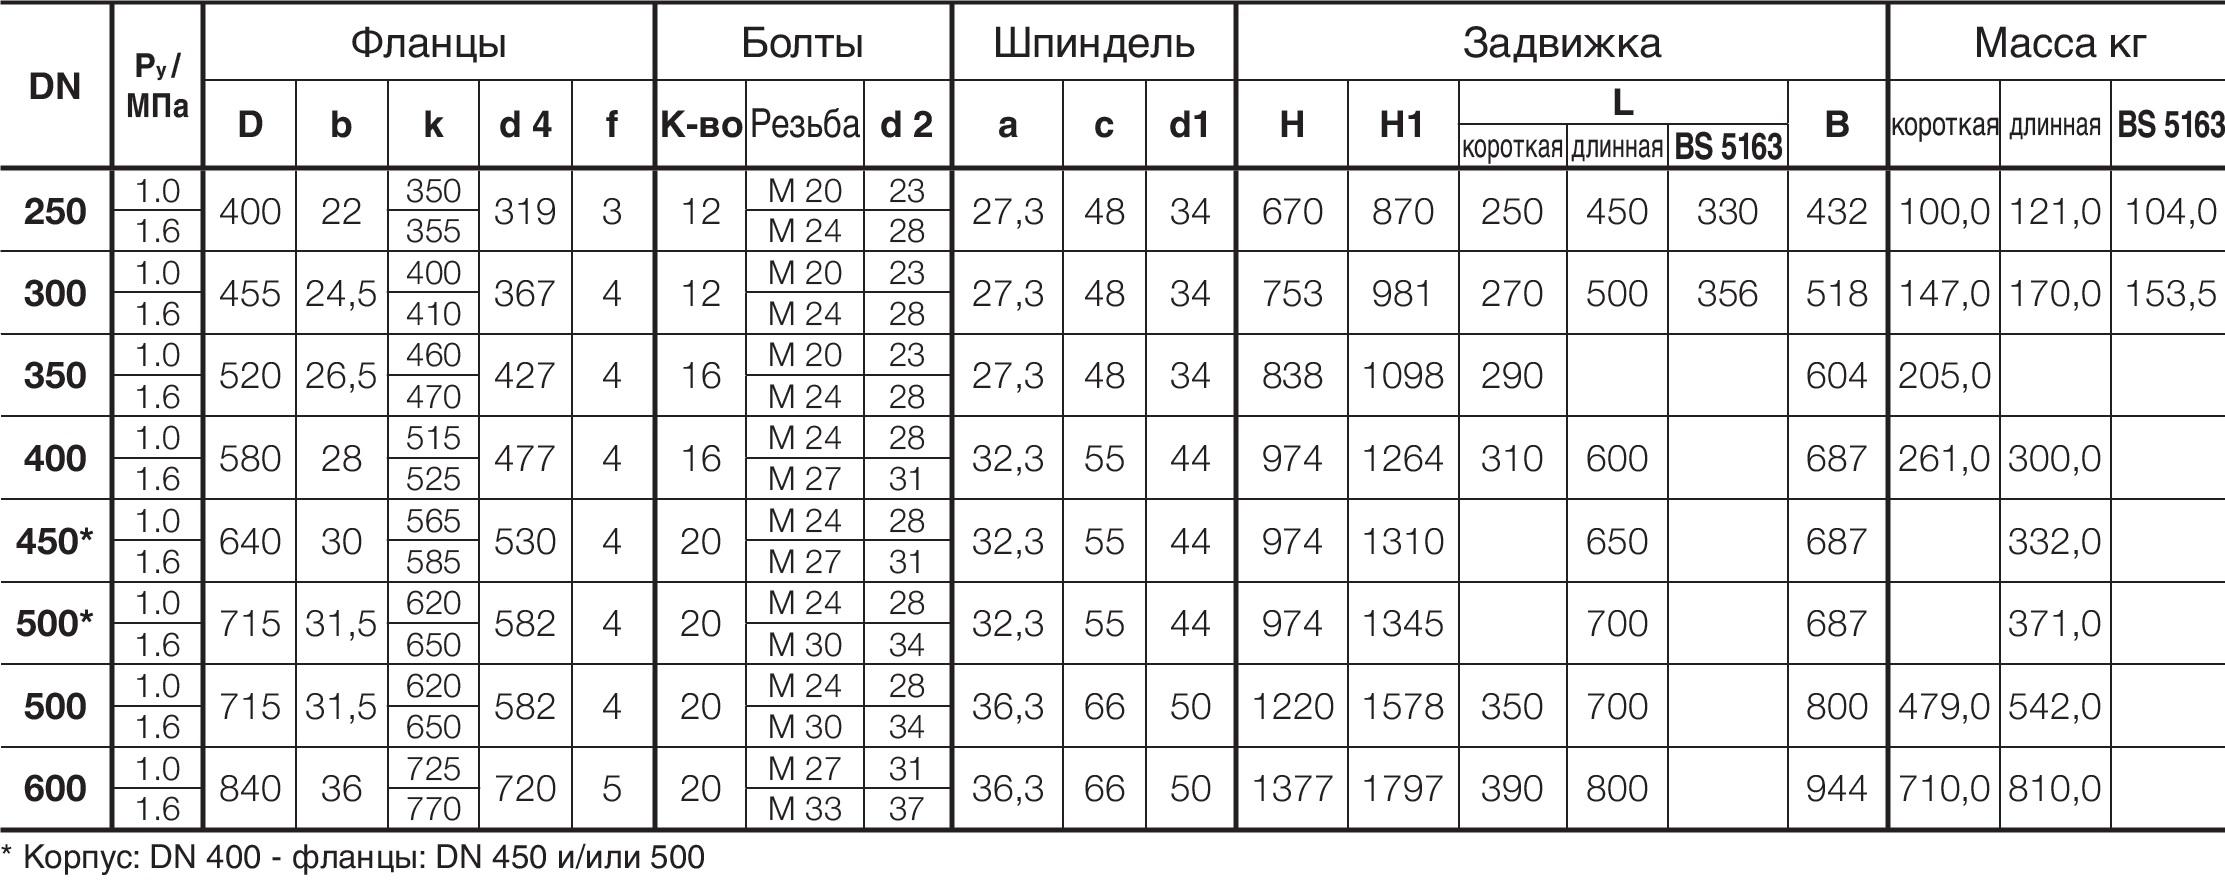 Таблица характеристик для Задвижка клиновая чугунная фланцевая Hawle 4000E2 DN200 PN16